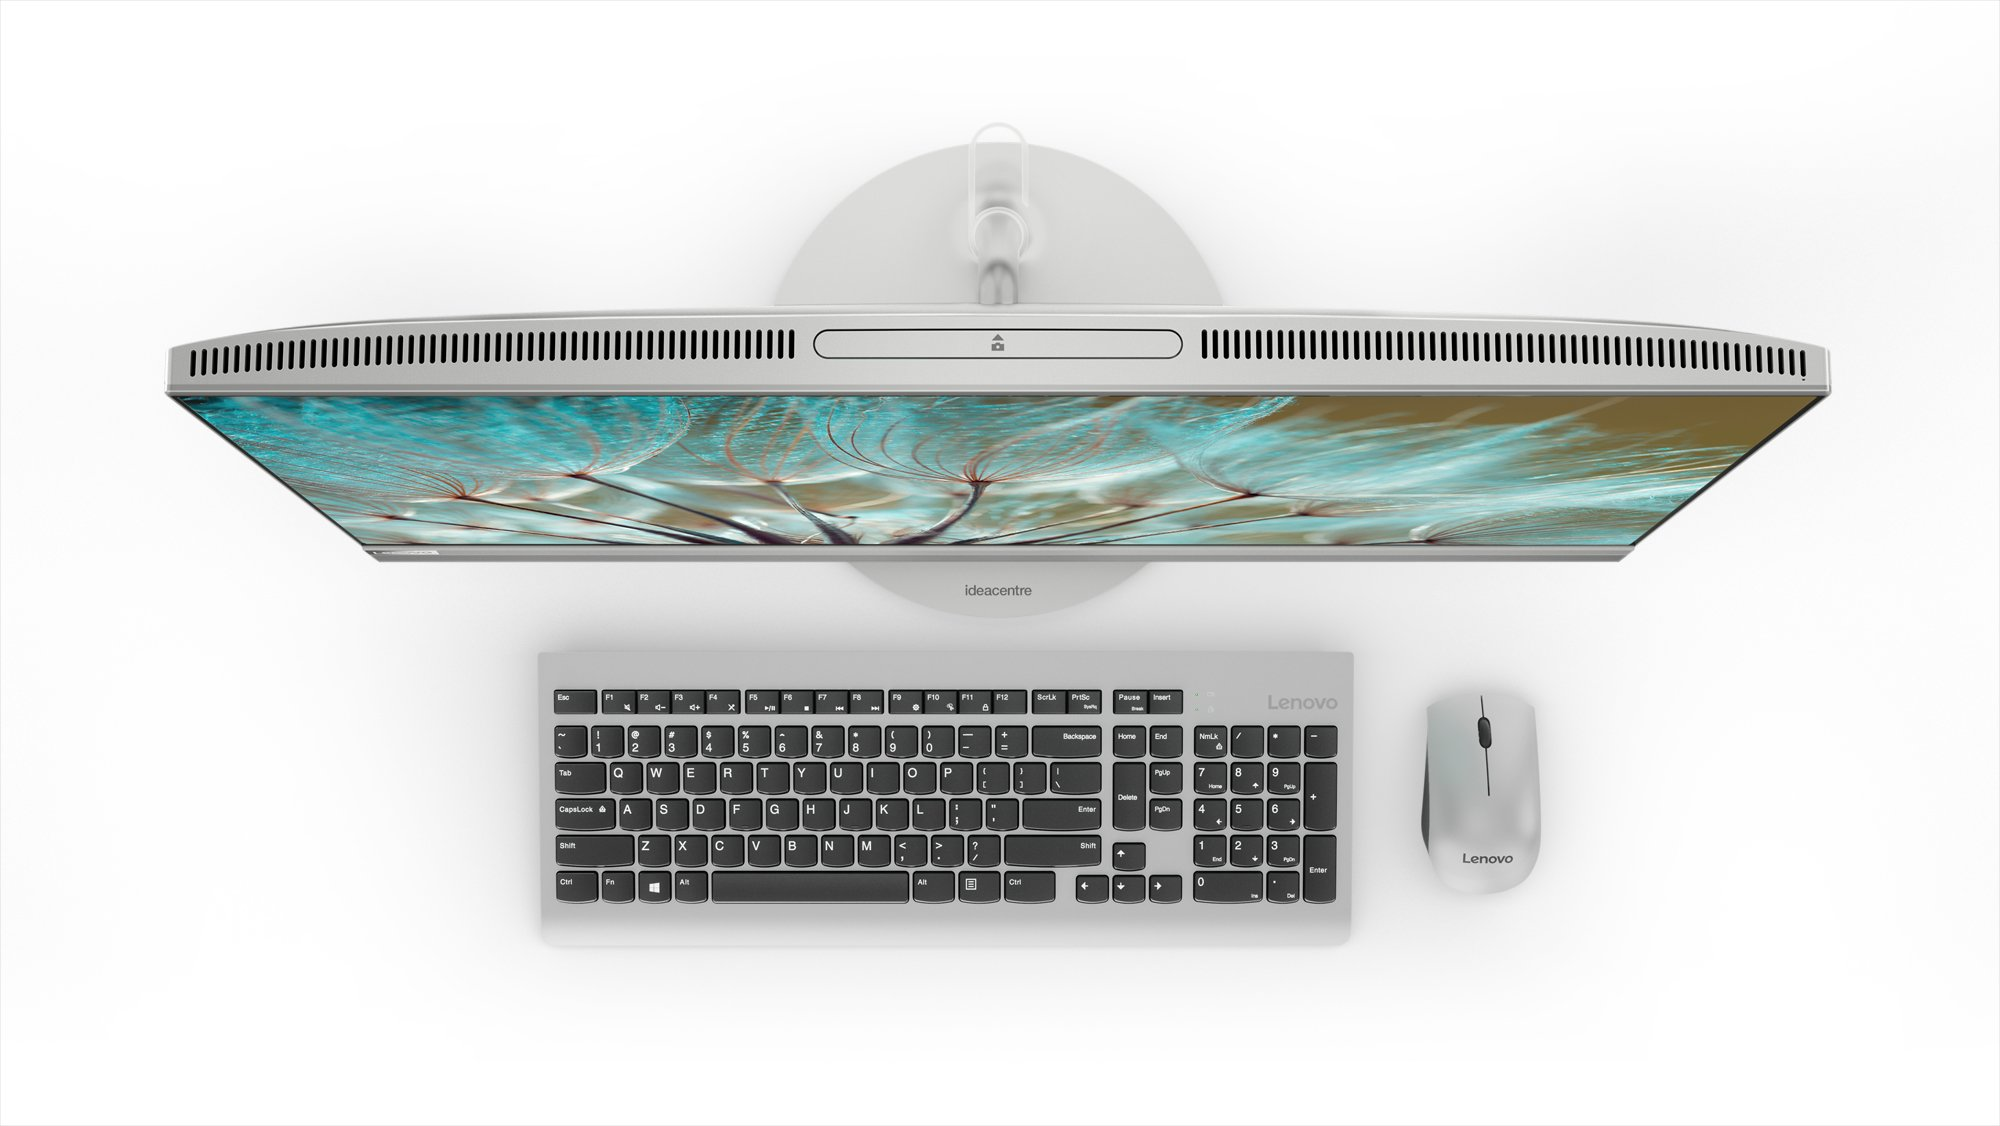 Lenovo Ideacentre AIO 520-22IKU - Ordenador de sobremesa 21.5